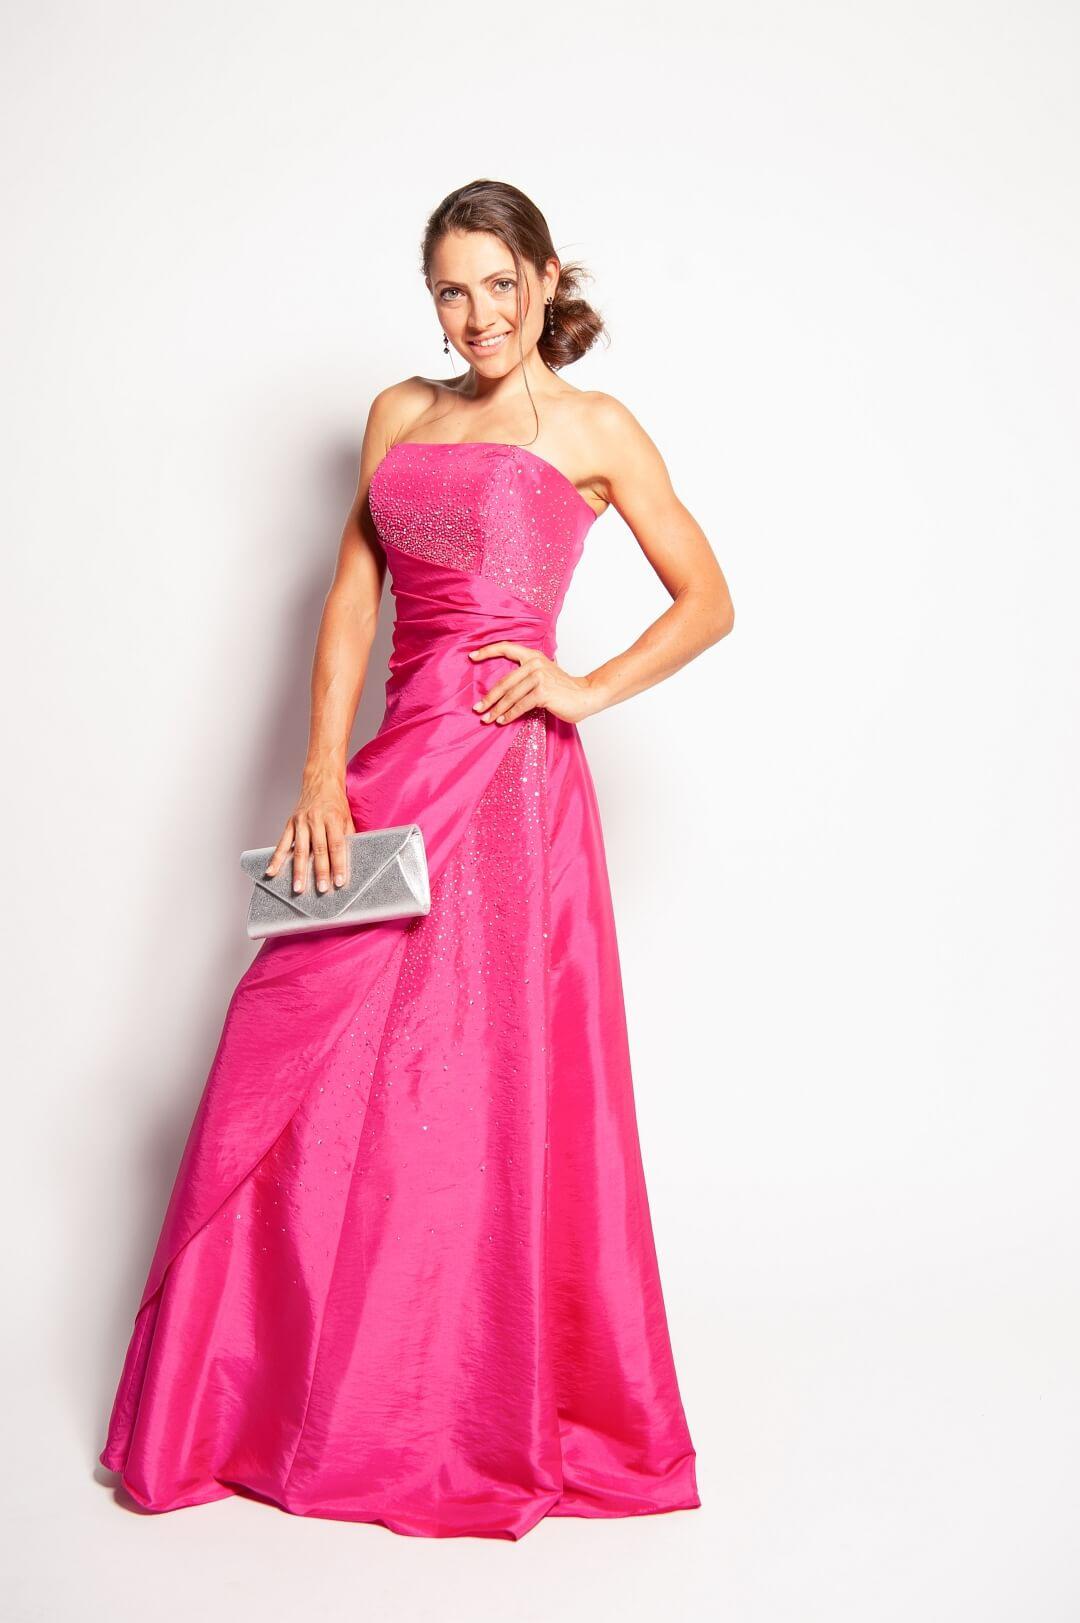 Top Pinkes Abendkleid Bester Preis15 Wunderbar Pinkes Abendkleid Vertrieb